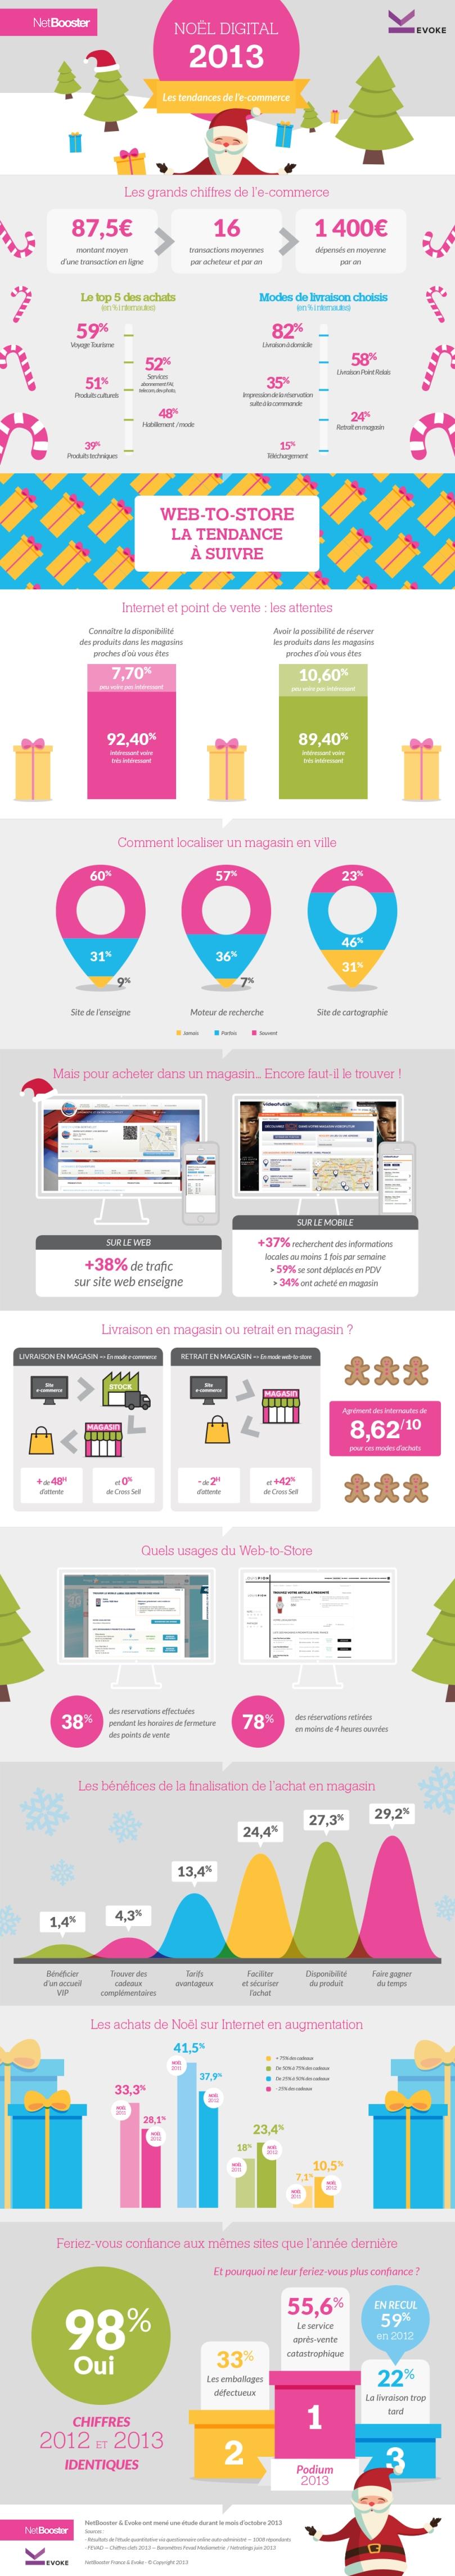 1882594-infographie-les-cyberacheteurs-veulent-du-web-to-store-a-noel